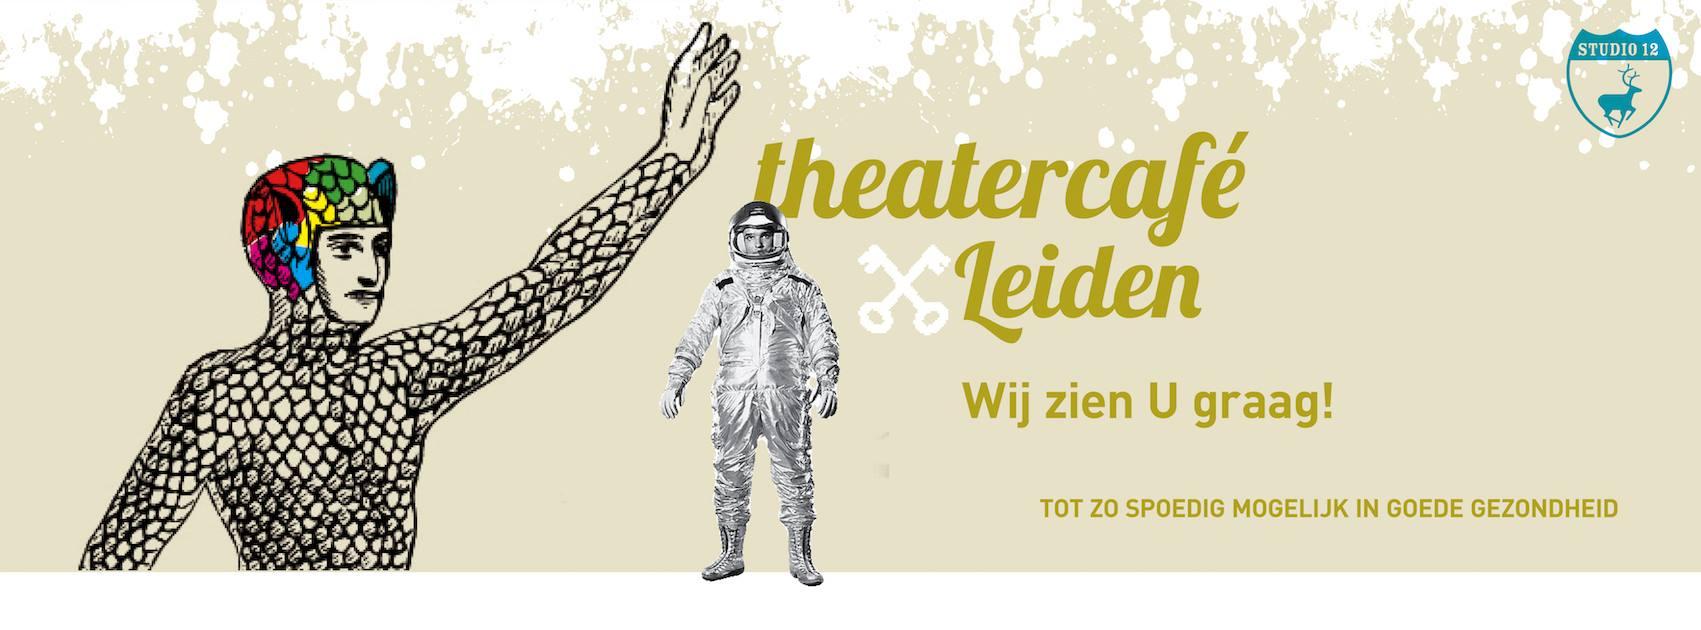 Theatercafé Leiden - Wij zien u graag!